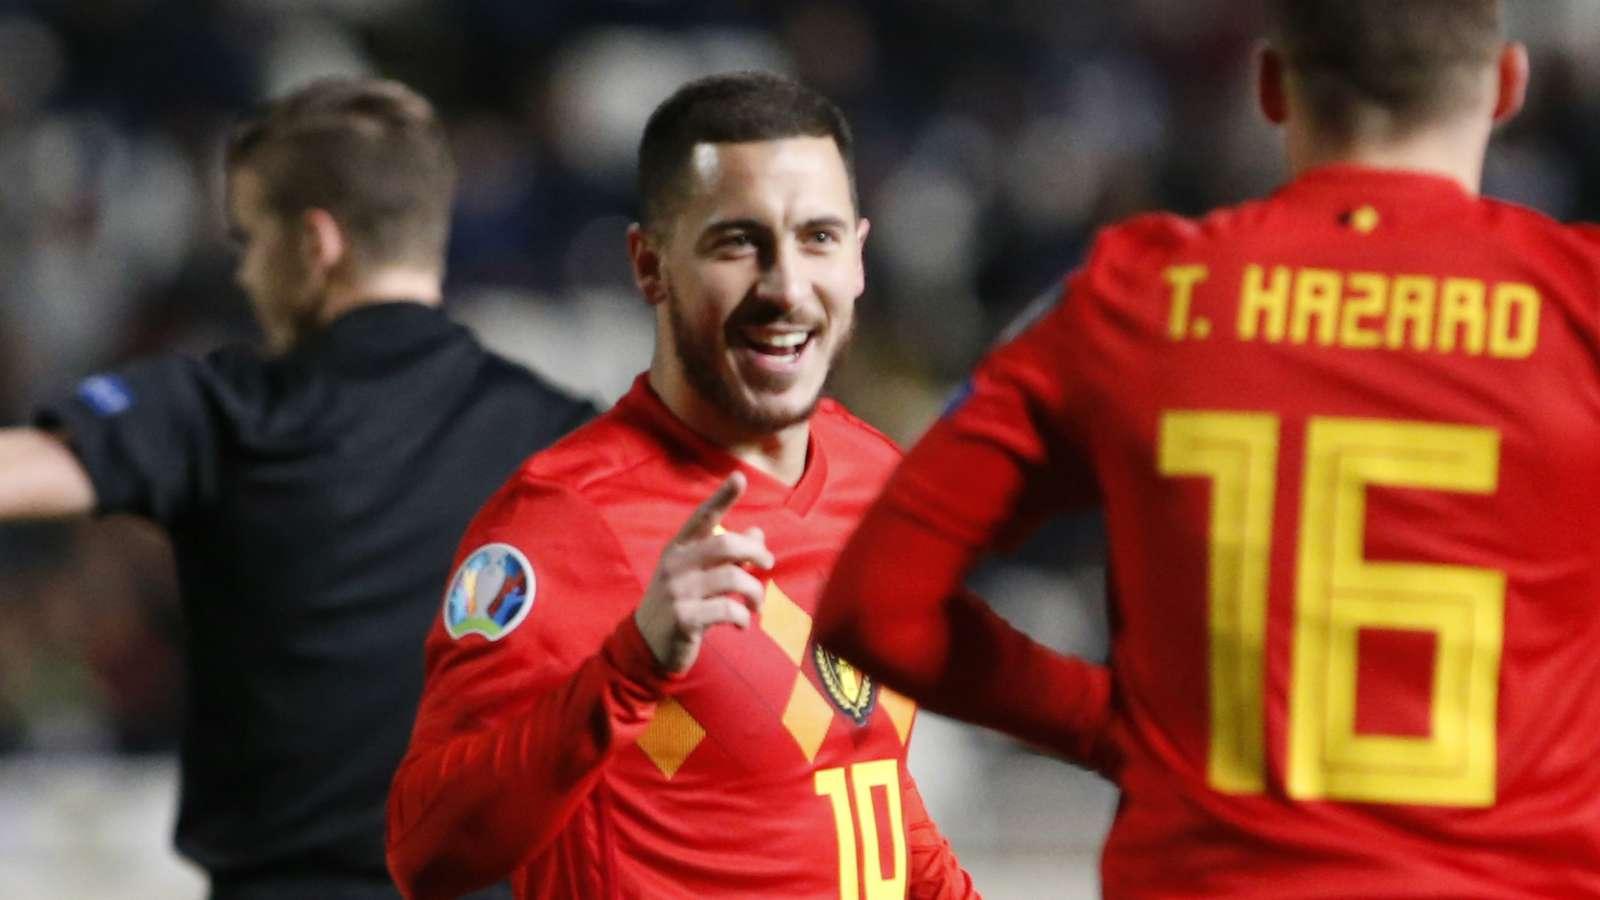 موعد مباراة منتخب بلجيكا و روسيا اليوم في اليورو والقنوات الناقلة